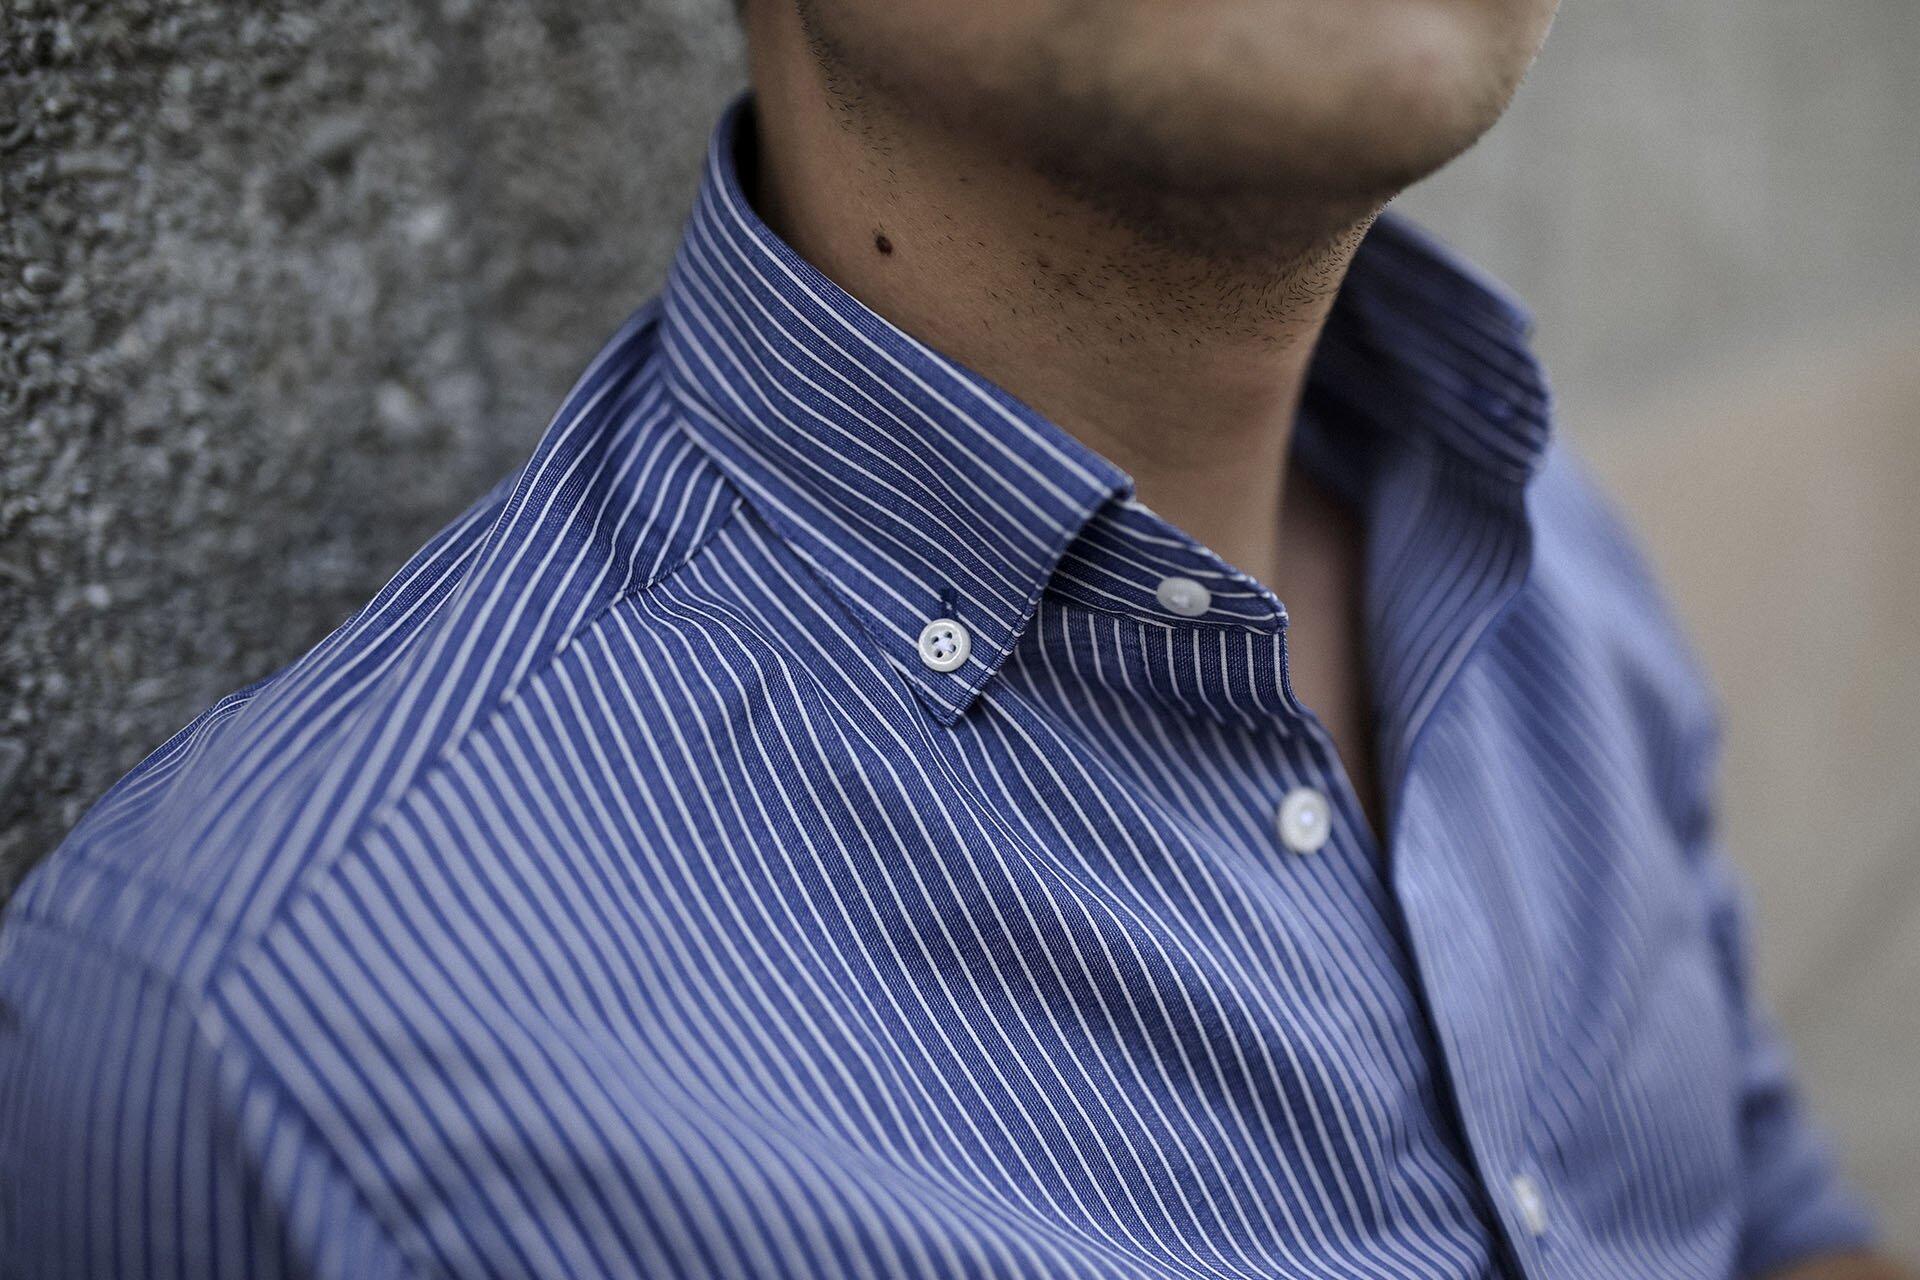 Koszula Massimo Dutti, Koszula męska, Błękitna koszula męska, moda męska, blog o modzie męskiej, Gmale by Grzegorz Paliś